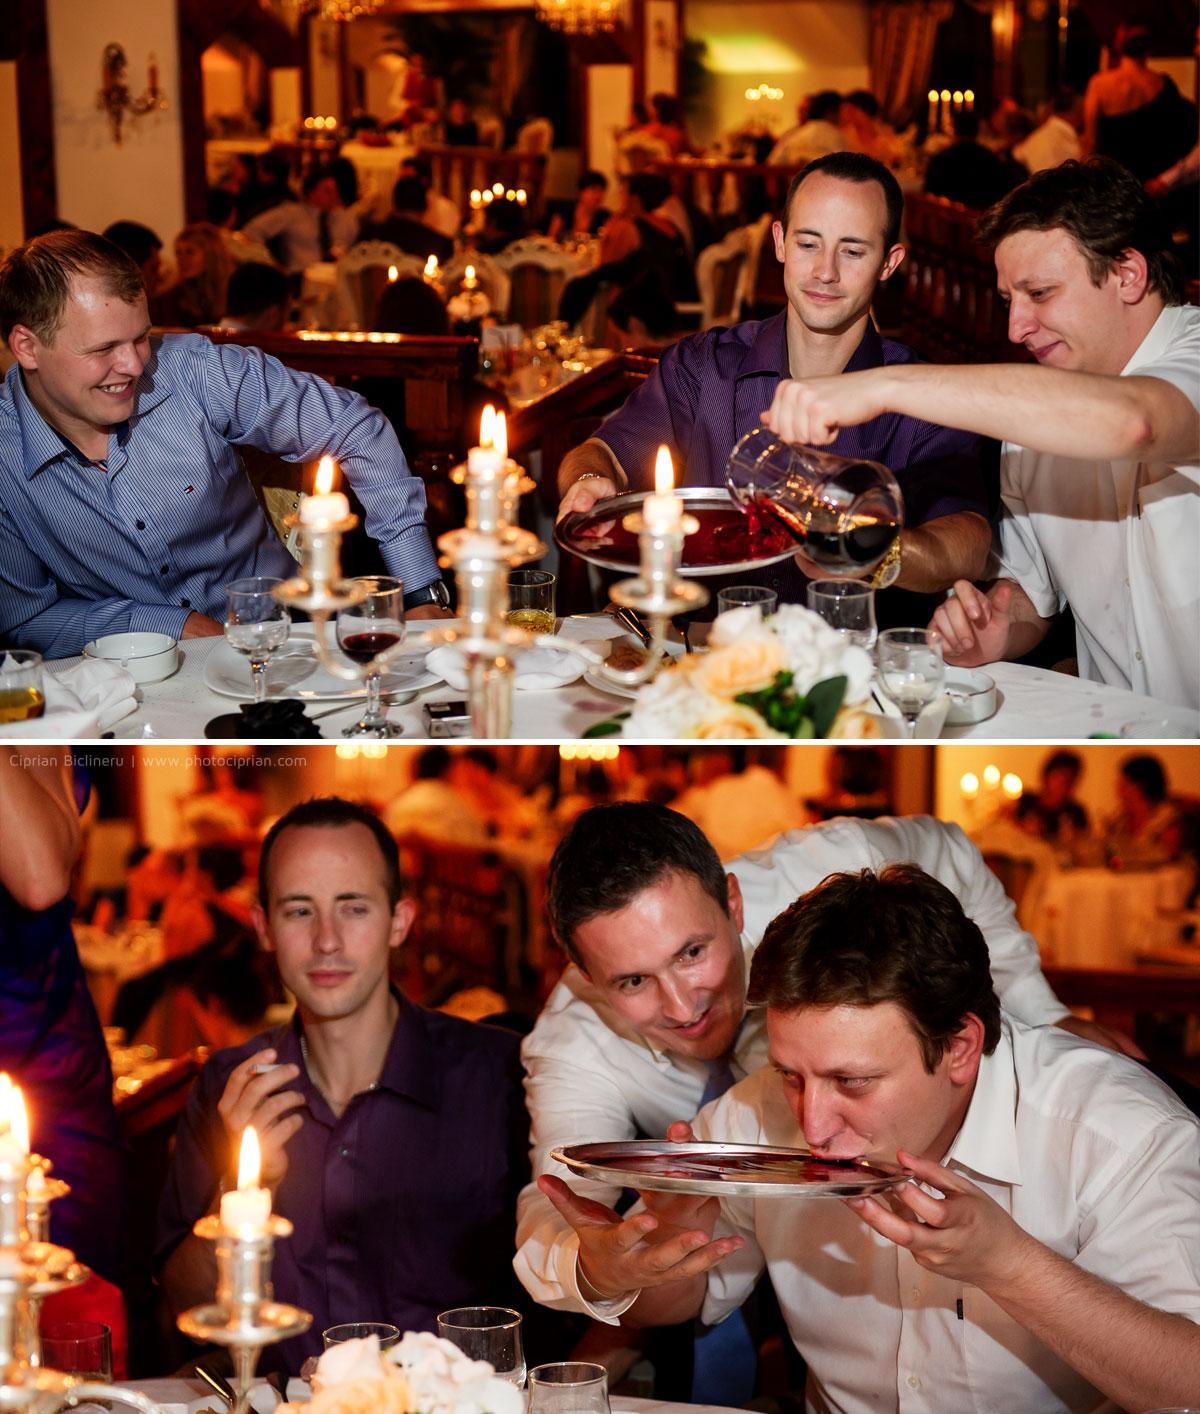 Hochzeitsfotografie-Brautpaar-Feier-10